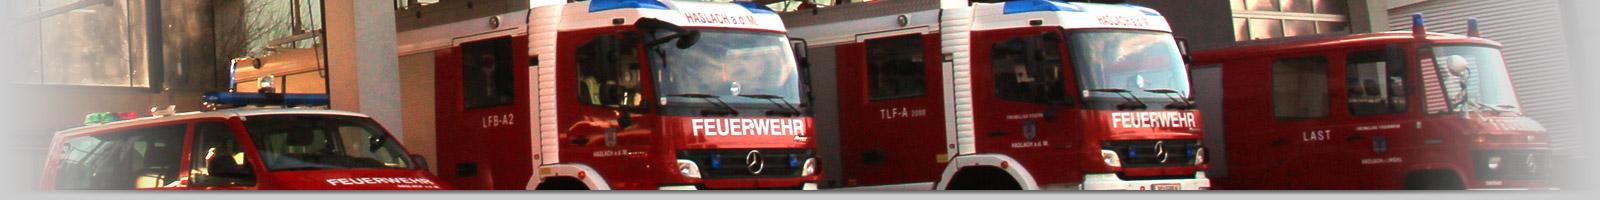 Freiwillige Feuerwehr Haslach/Mühl